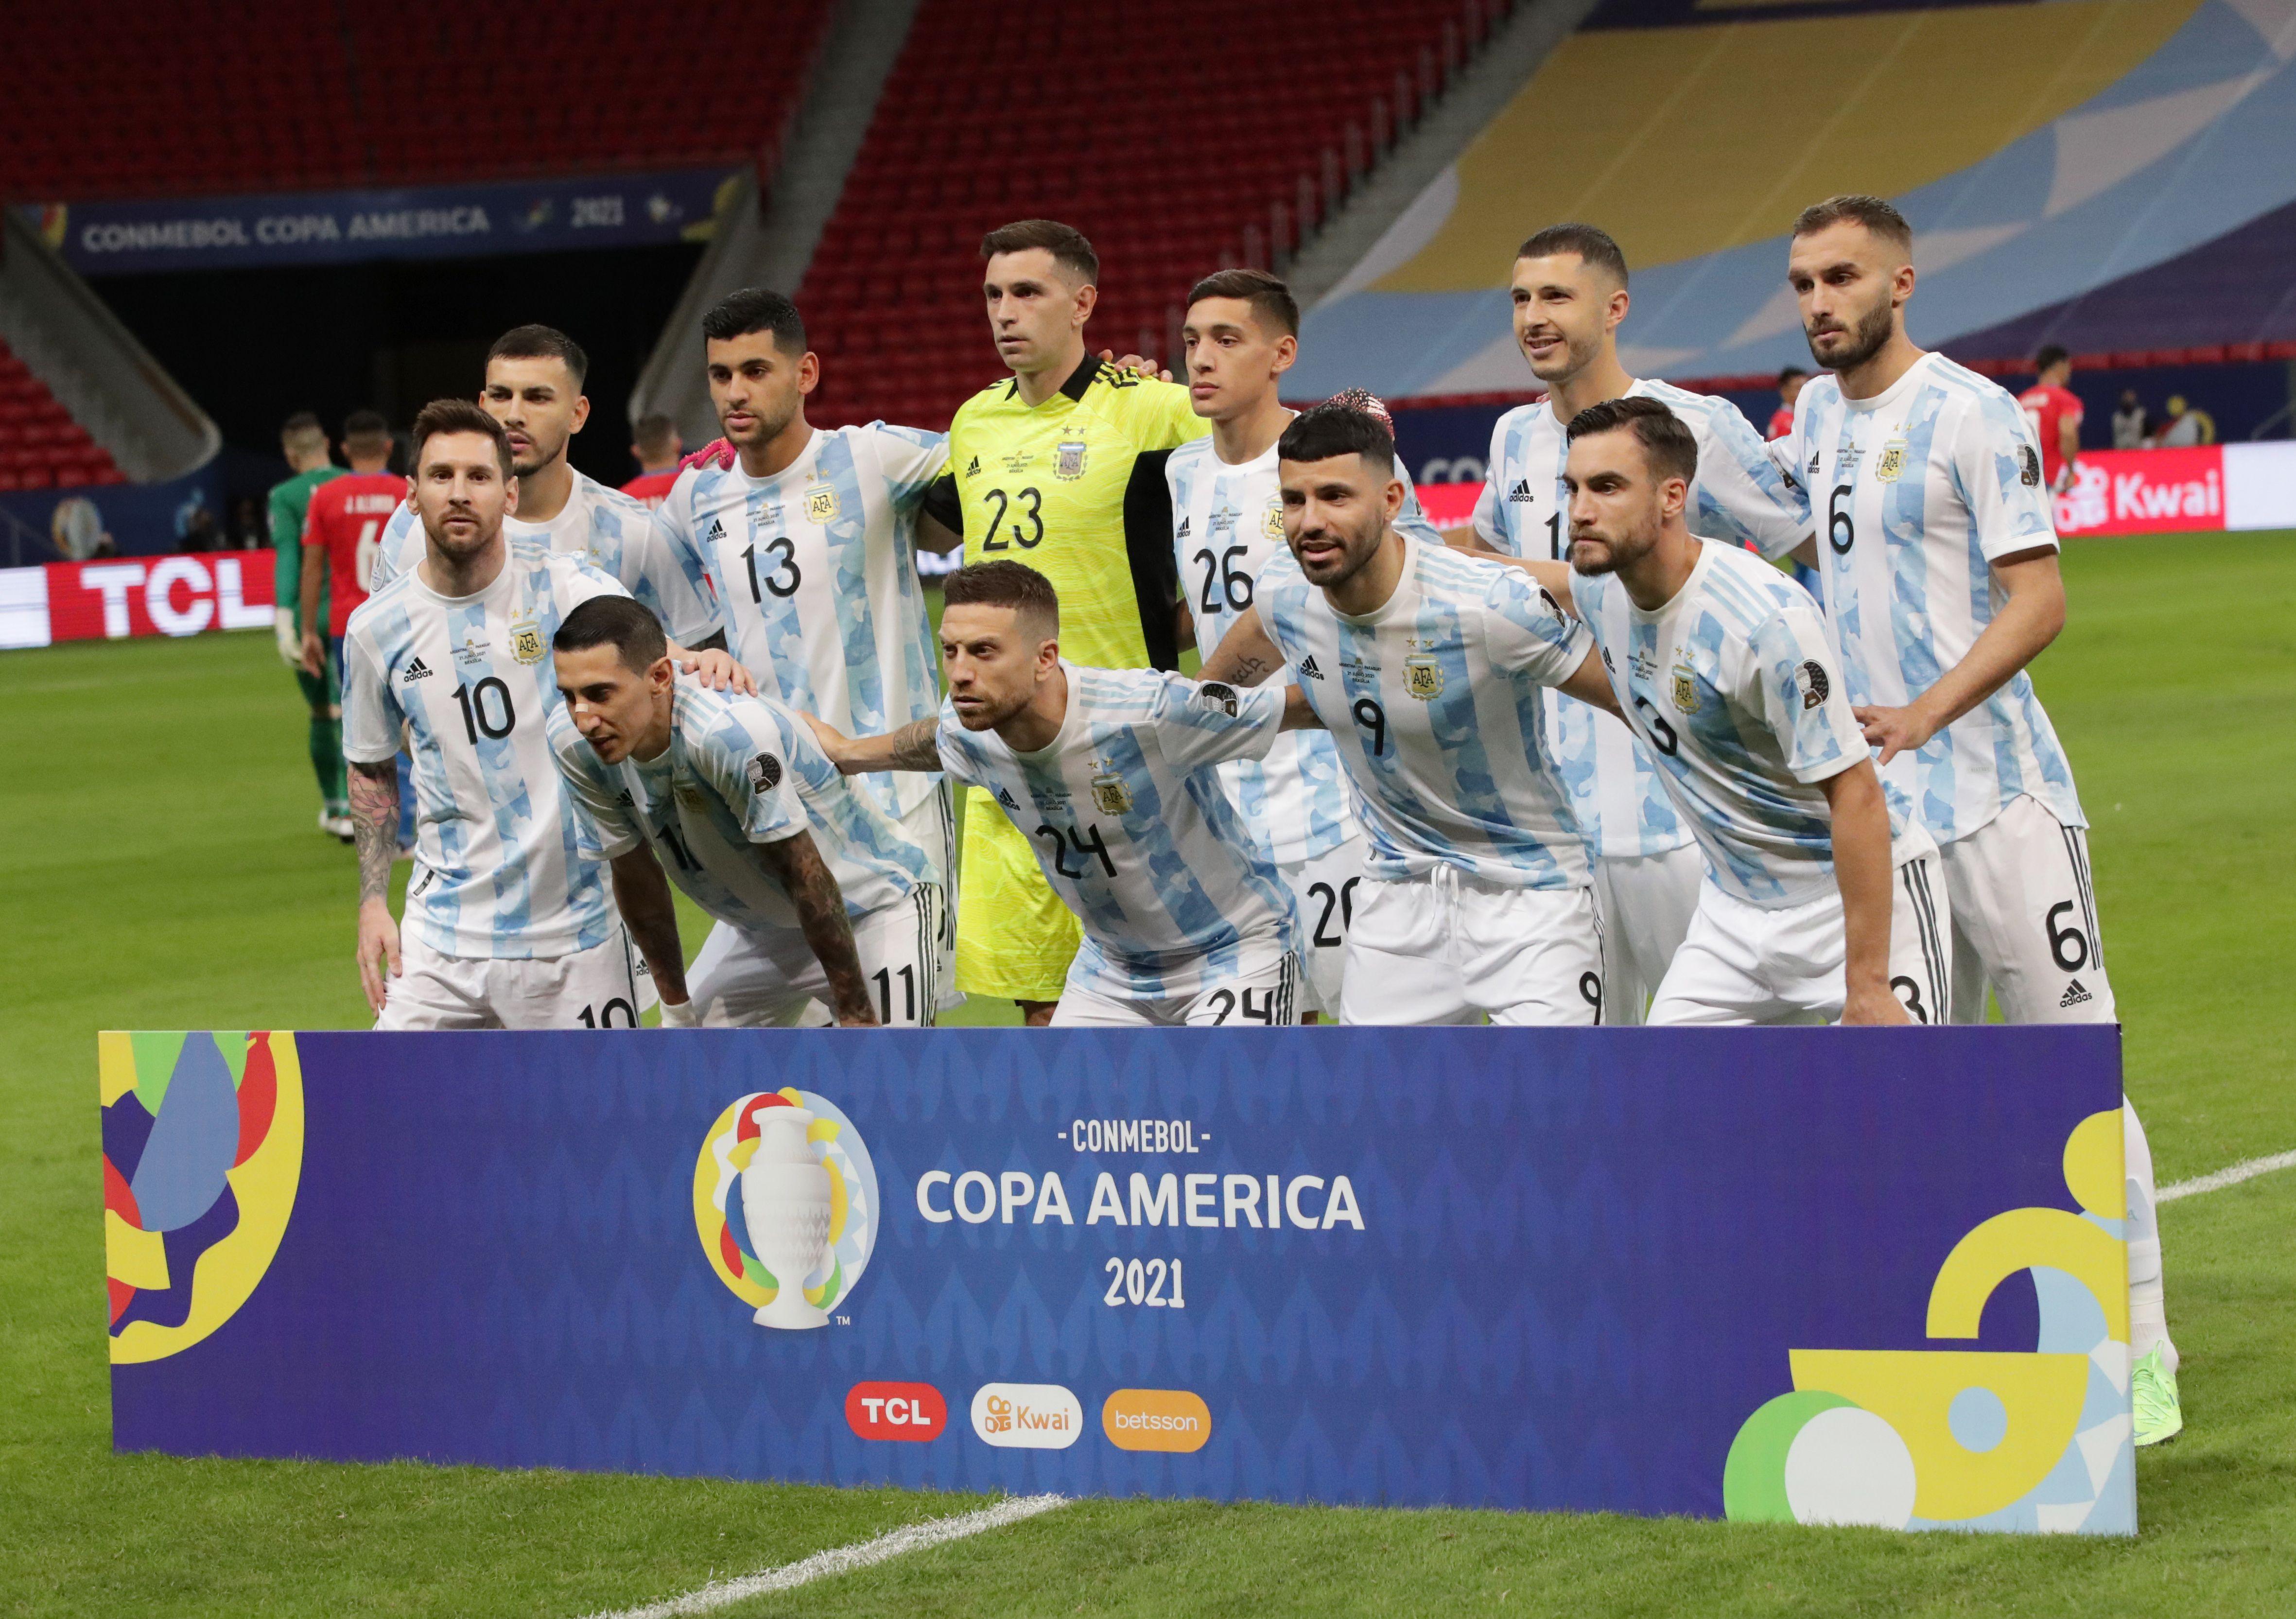 El funcionamiento de Argentina no se resintió por los cambios en el inicio, pero el cansancio y la postura del segundo tiempo opacaron la interesante primera etapa (REUTERS/Henry Romero)